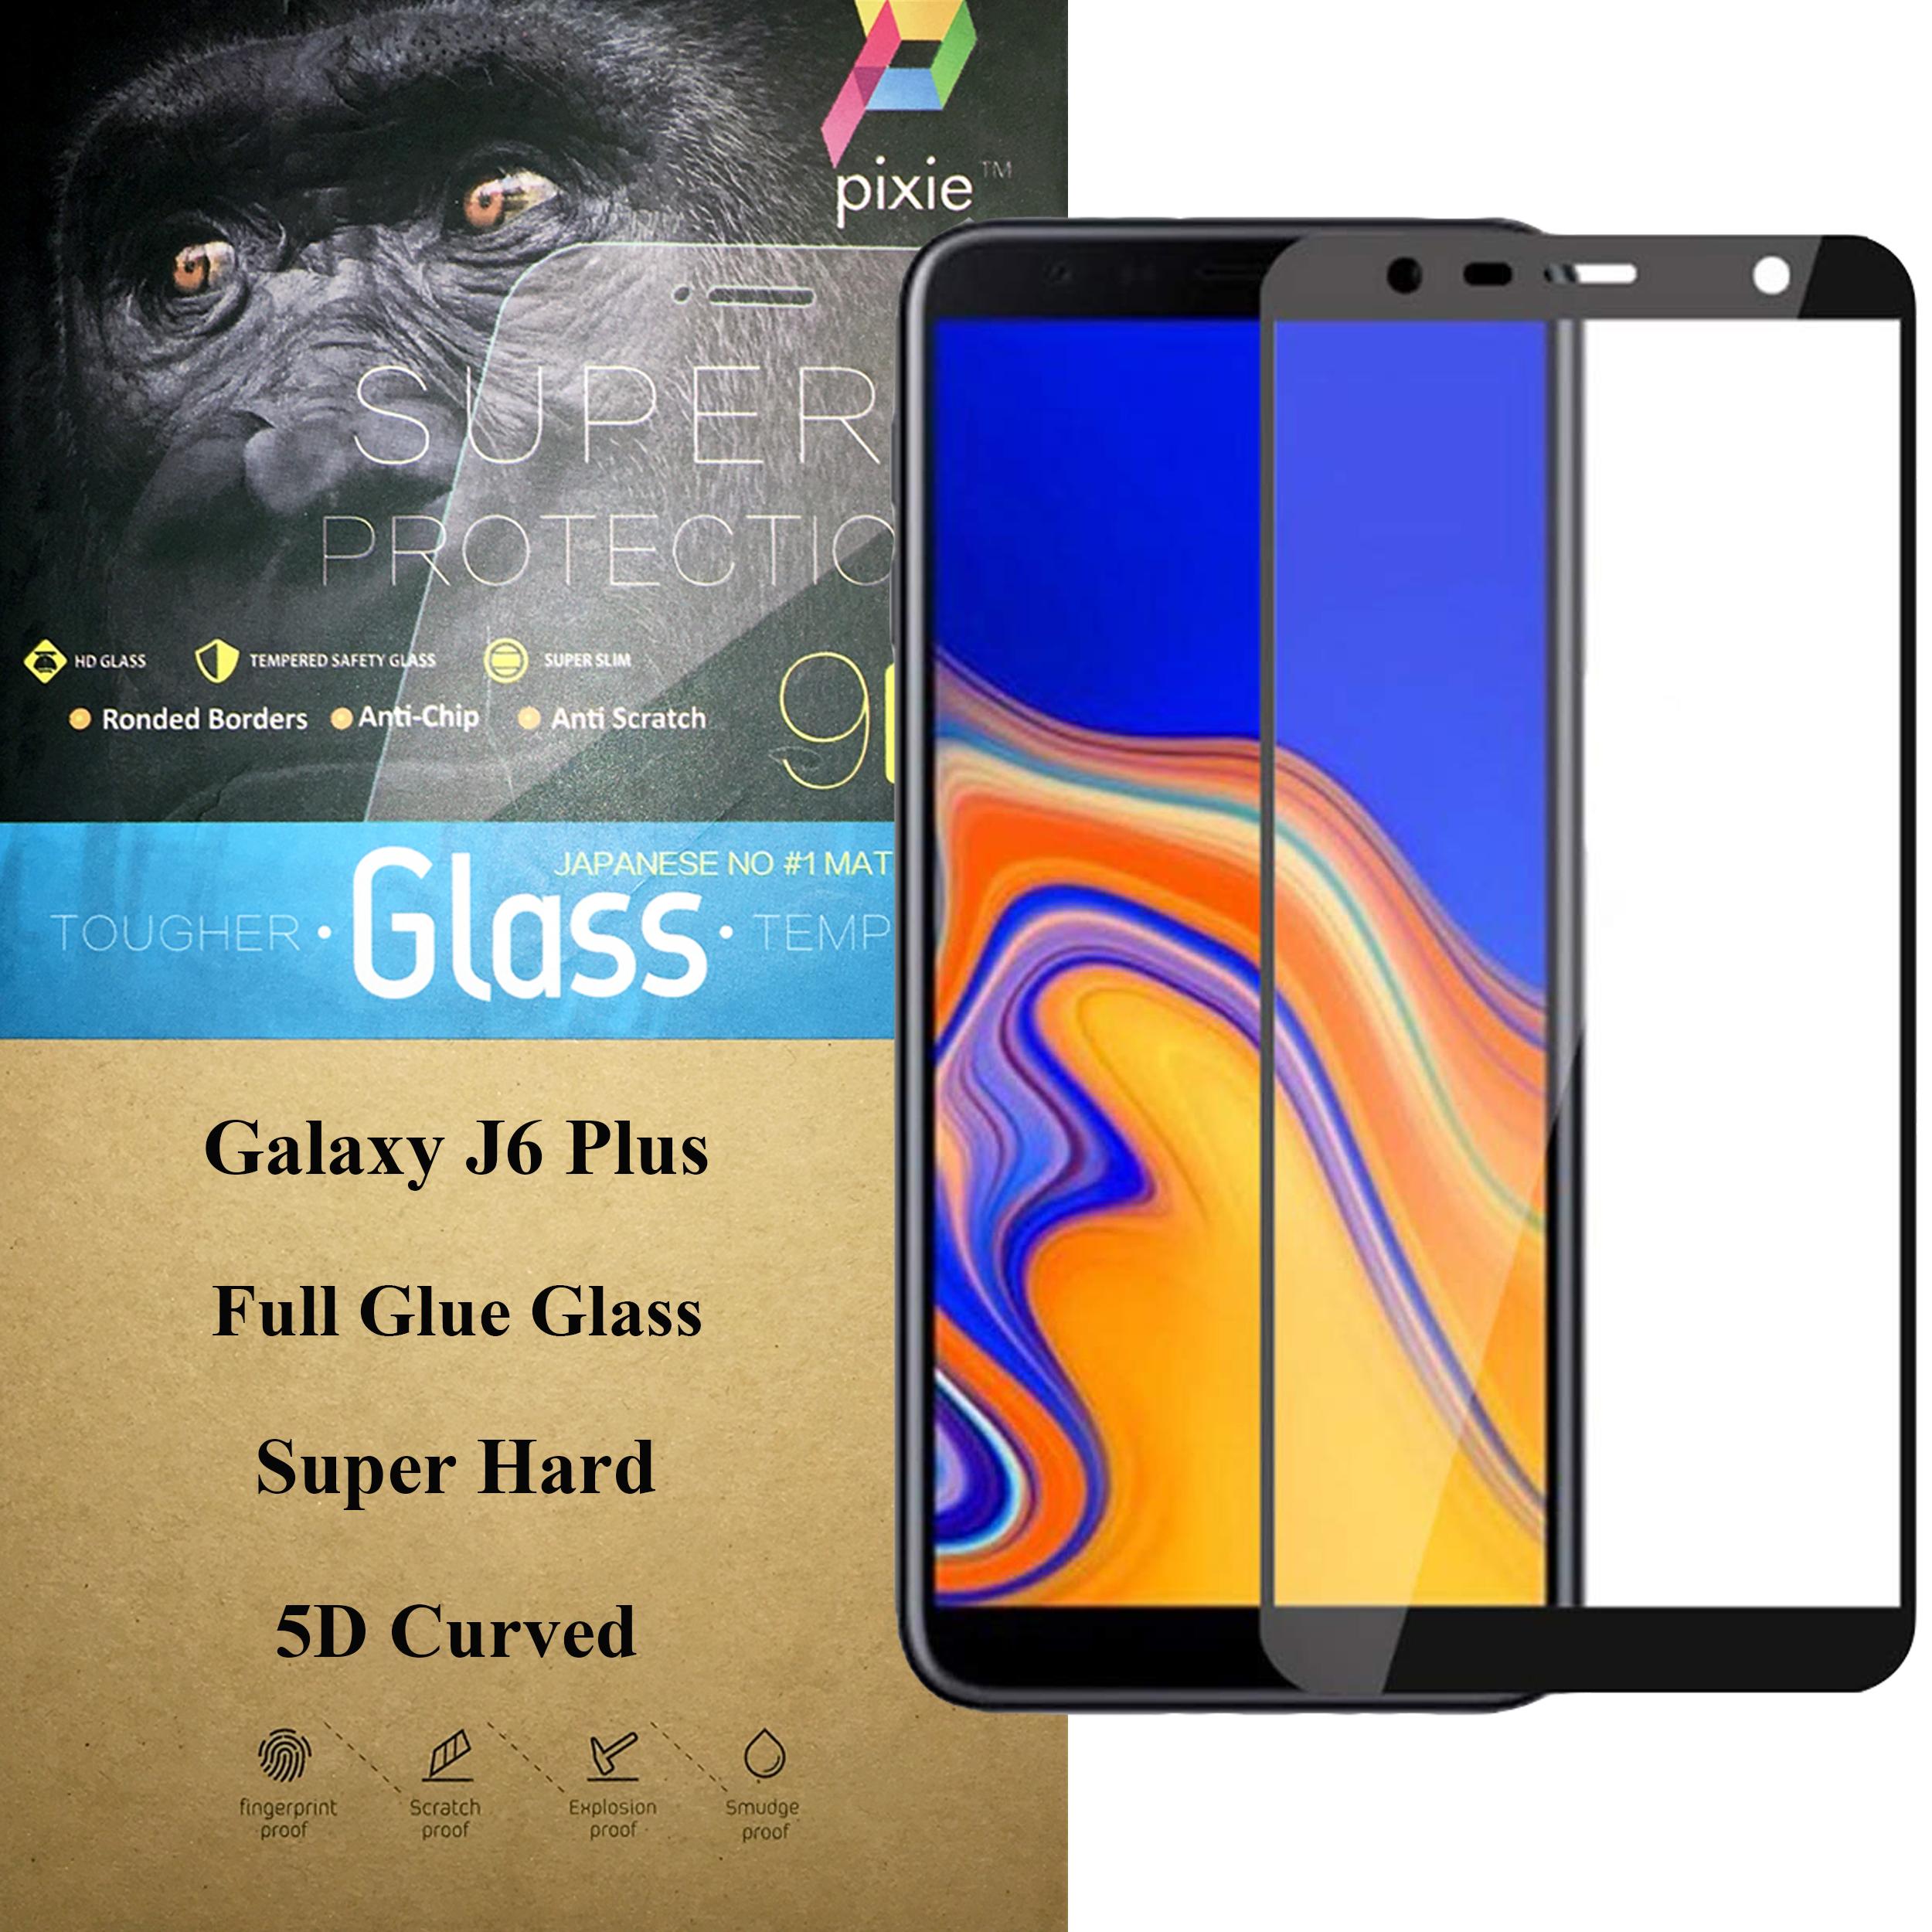 محافظ صفحه نمایش پیکسی مدل Treasure Trove مناسب برای گوشی موبایل سامسونگ Galaxy J6 Plus thumb